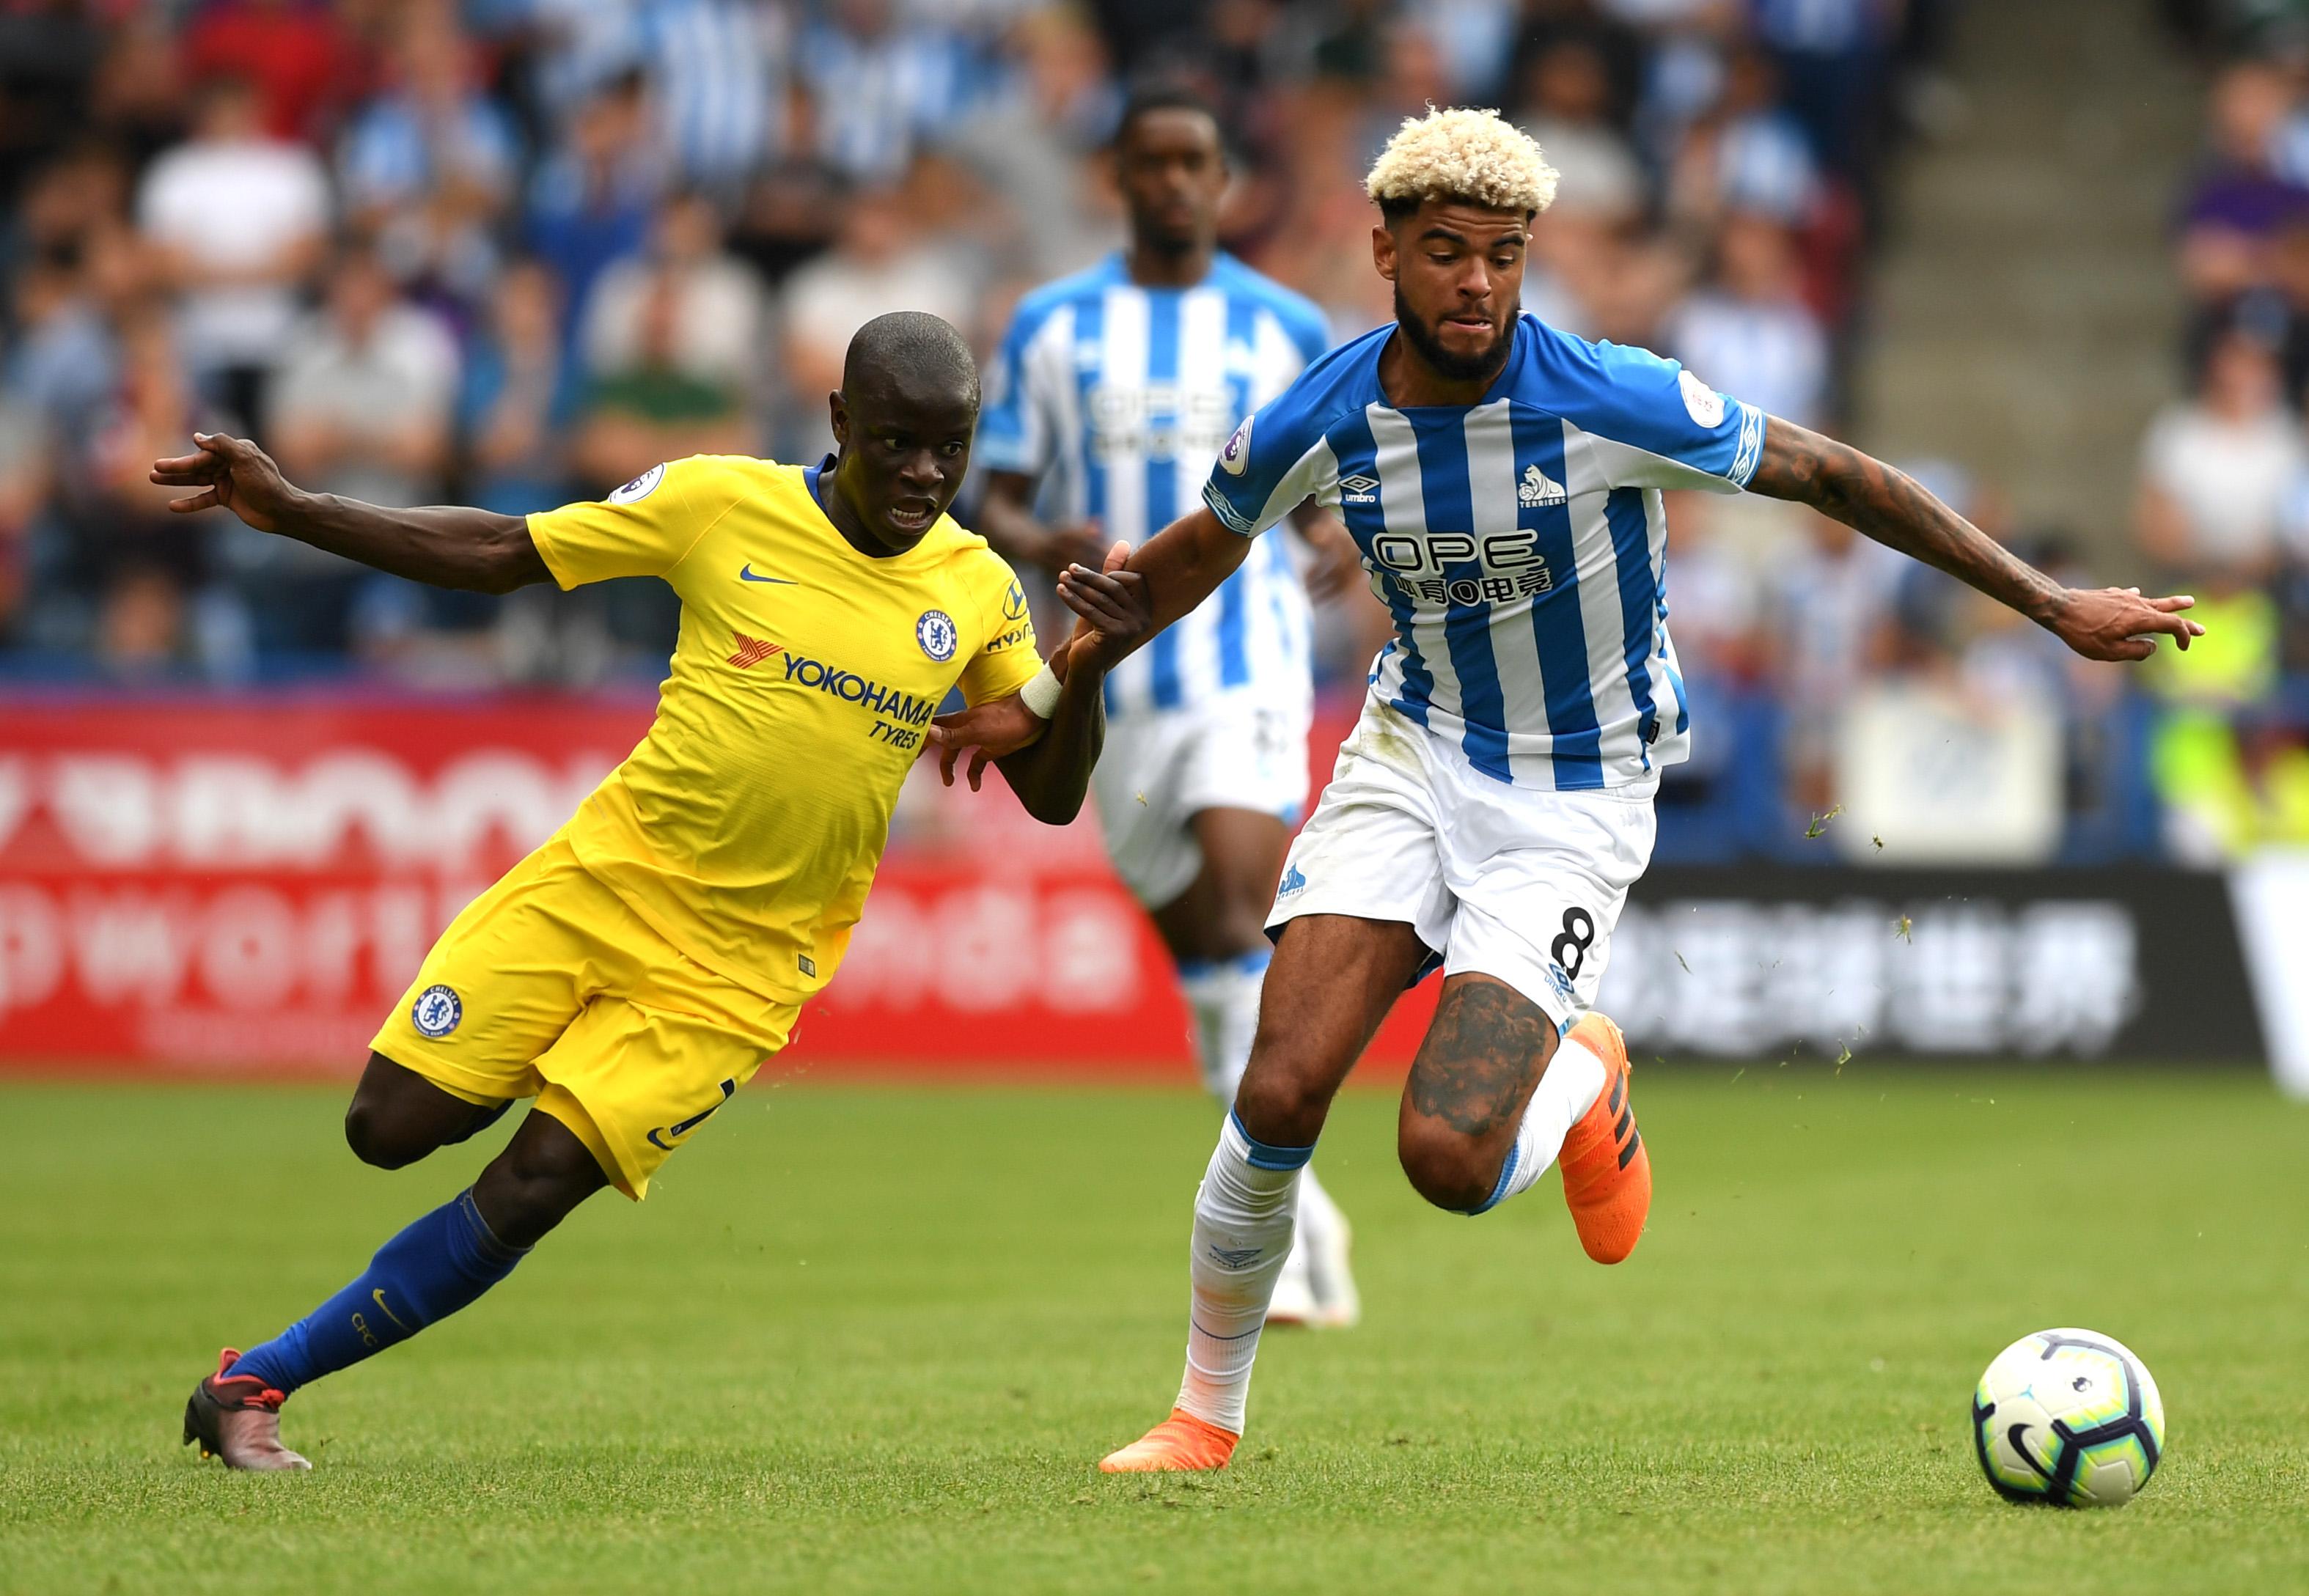 bacd37d8c Premier League: Zabójcza skutecznośc Chelsea FC. Crystal Palace wygrywa w  derbach - WP SportoweFakty